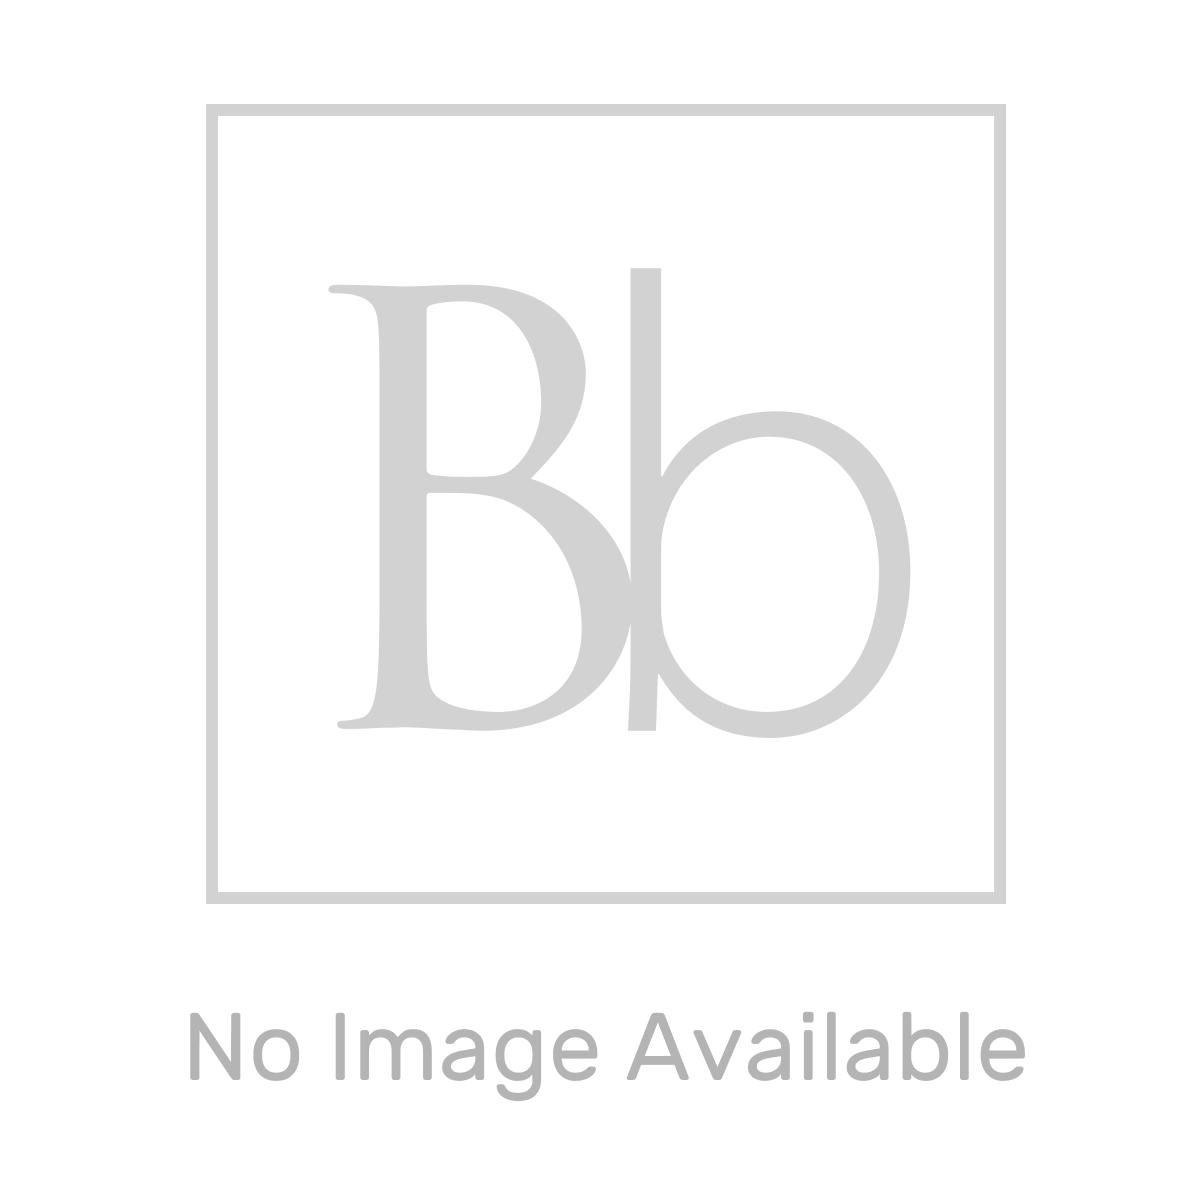 Frontline Aquaglass+ Drift Double Door Offset Quadrant Shower Enclosure